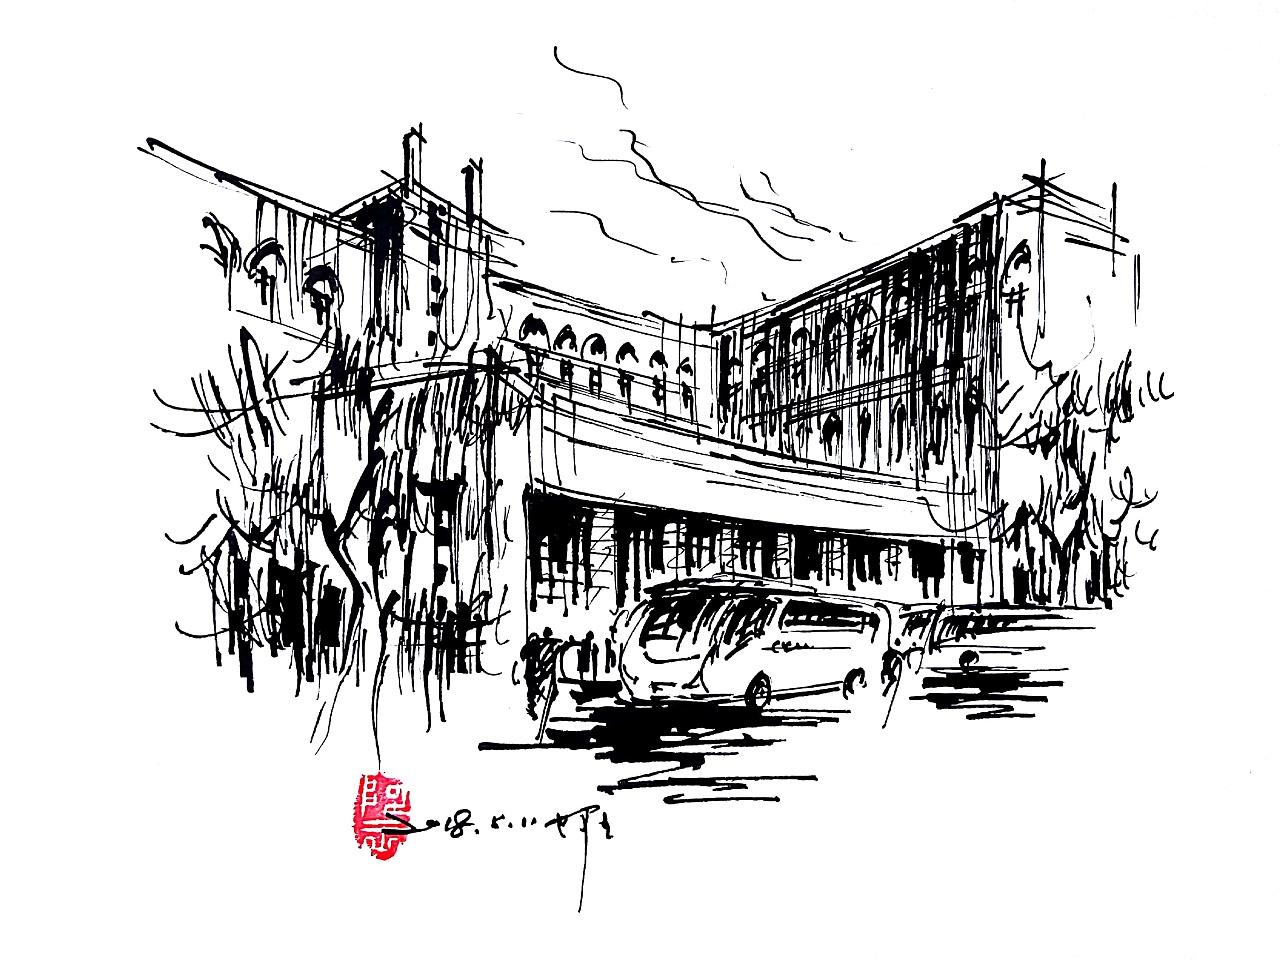 阿王速写建筑风景手绘